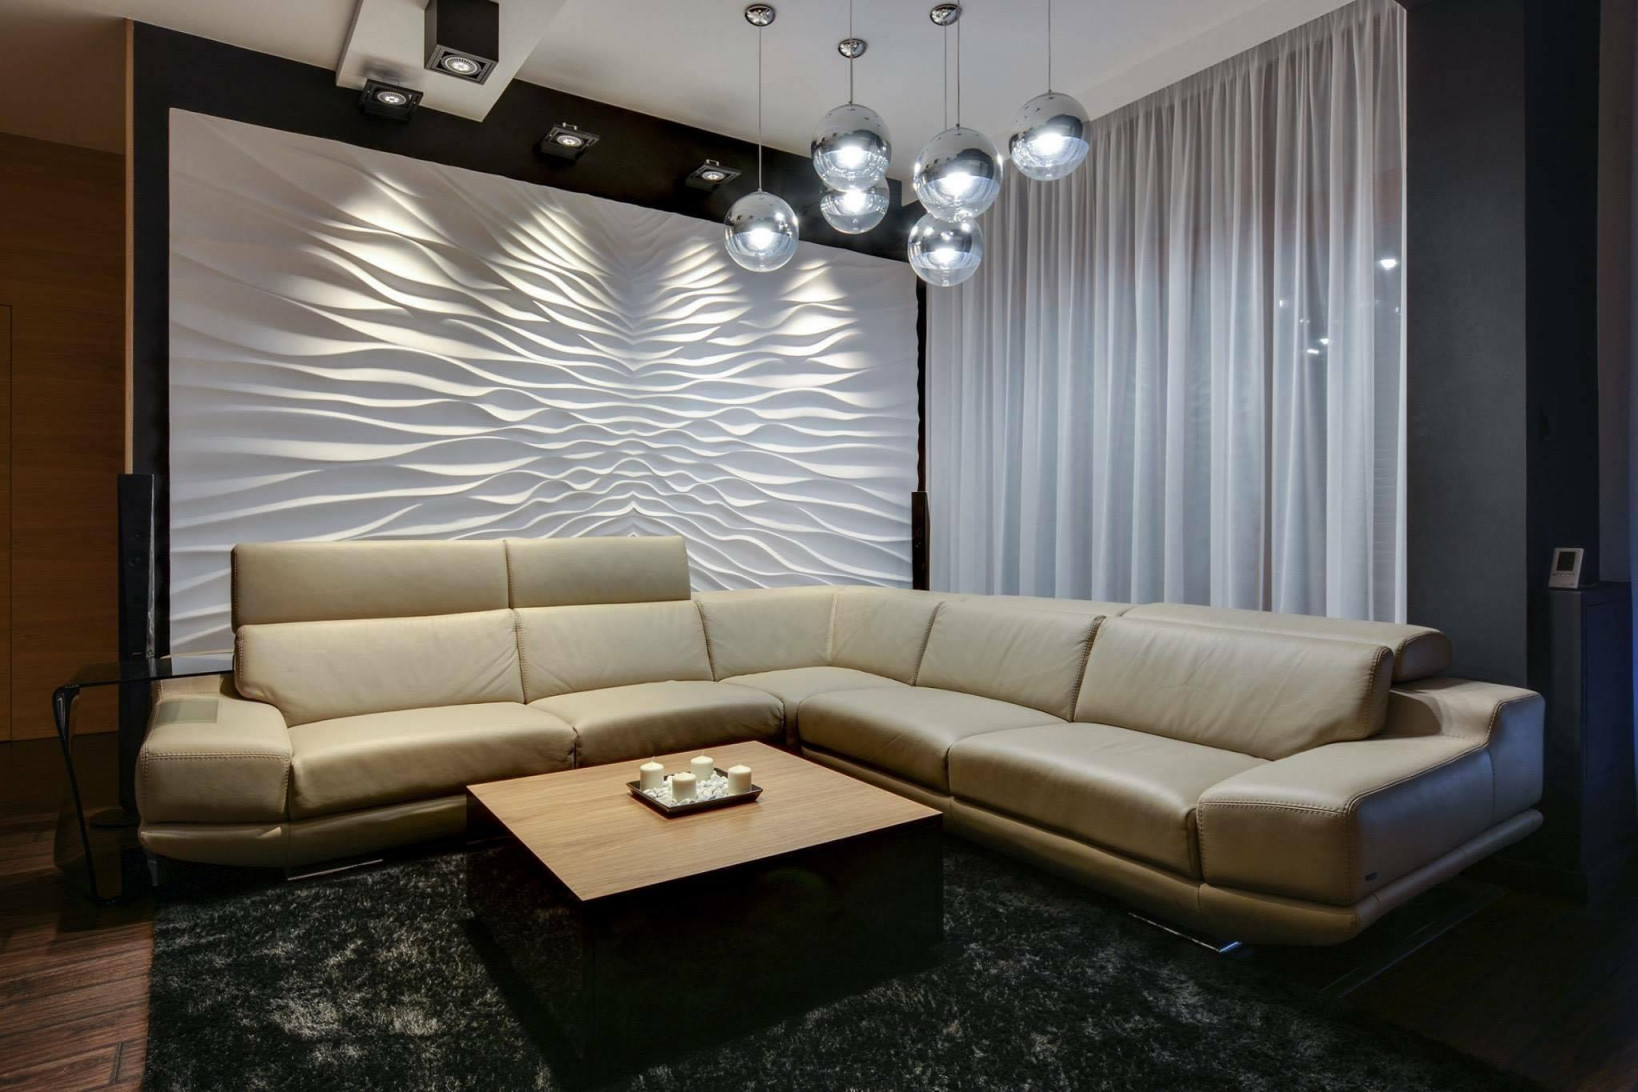 Wohnzimmer Wandgestaltung Die Schönsten Ideen von Wohnzimmer Wandgestaltung Bilder Bild